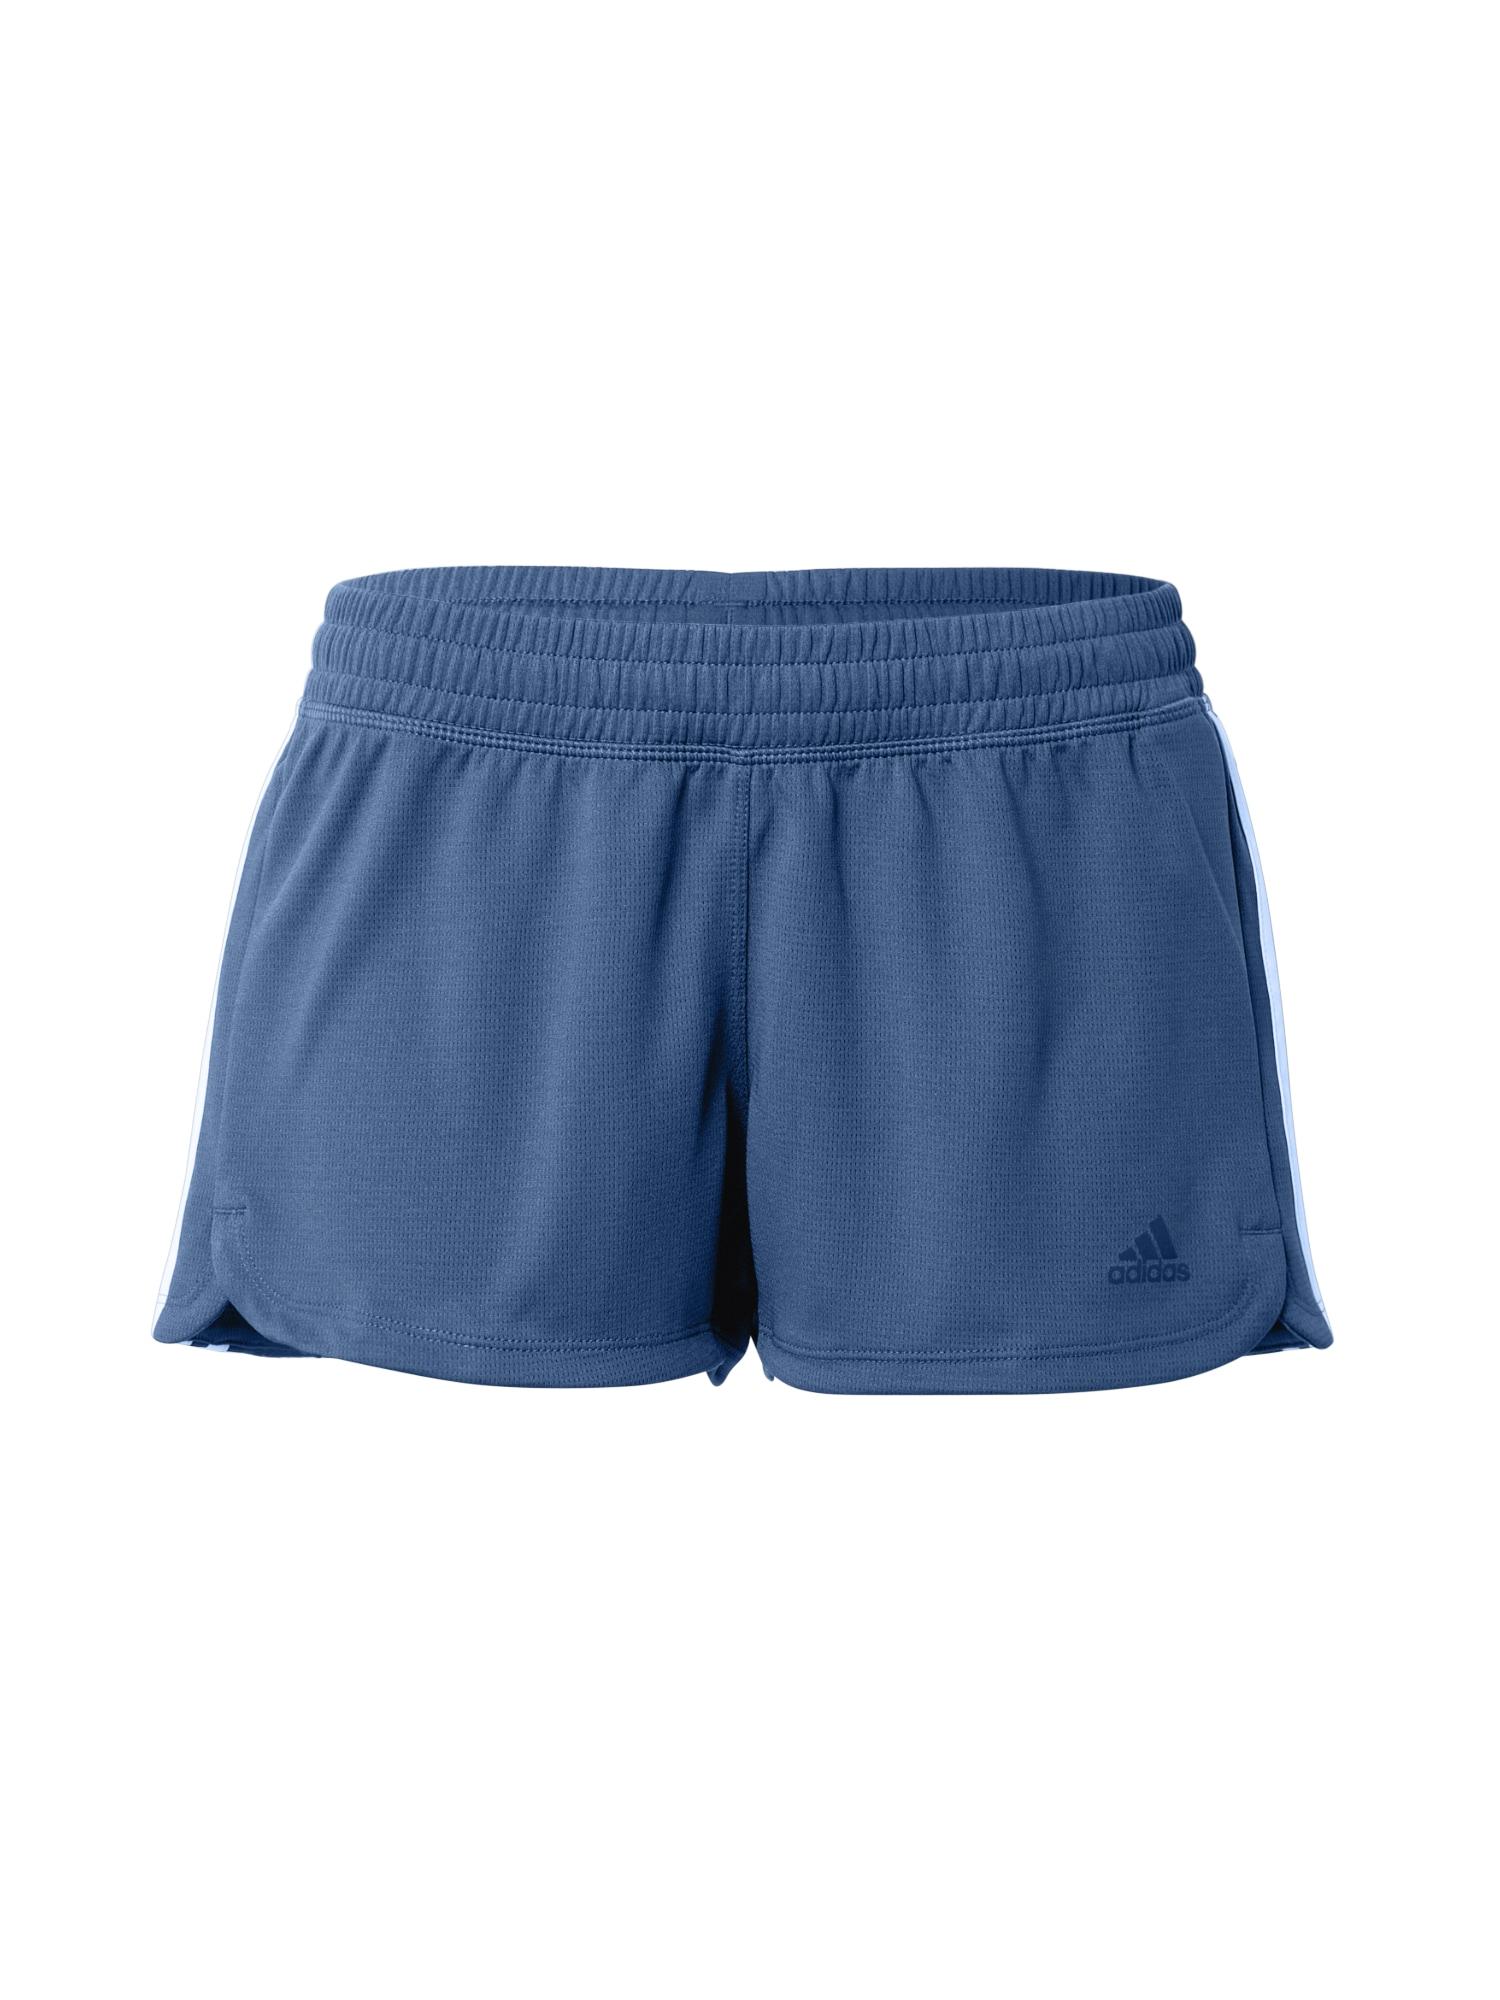 ADIDAS PERFORMANCE Sportovní kalhoty 'PACER'  modrá / bílá